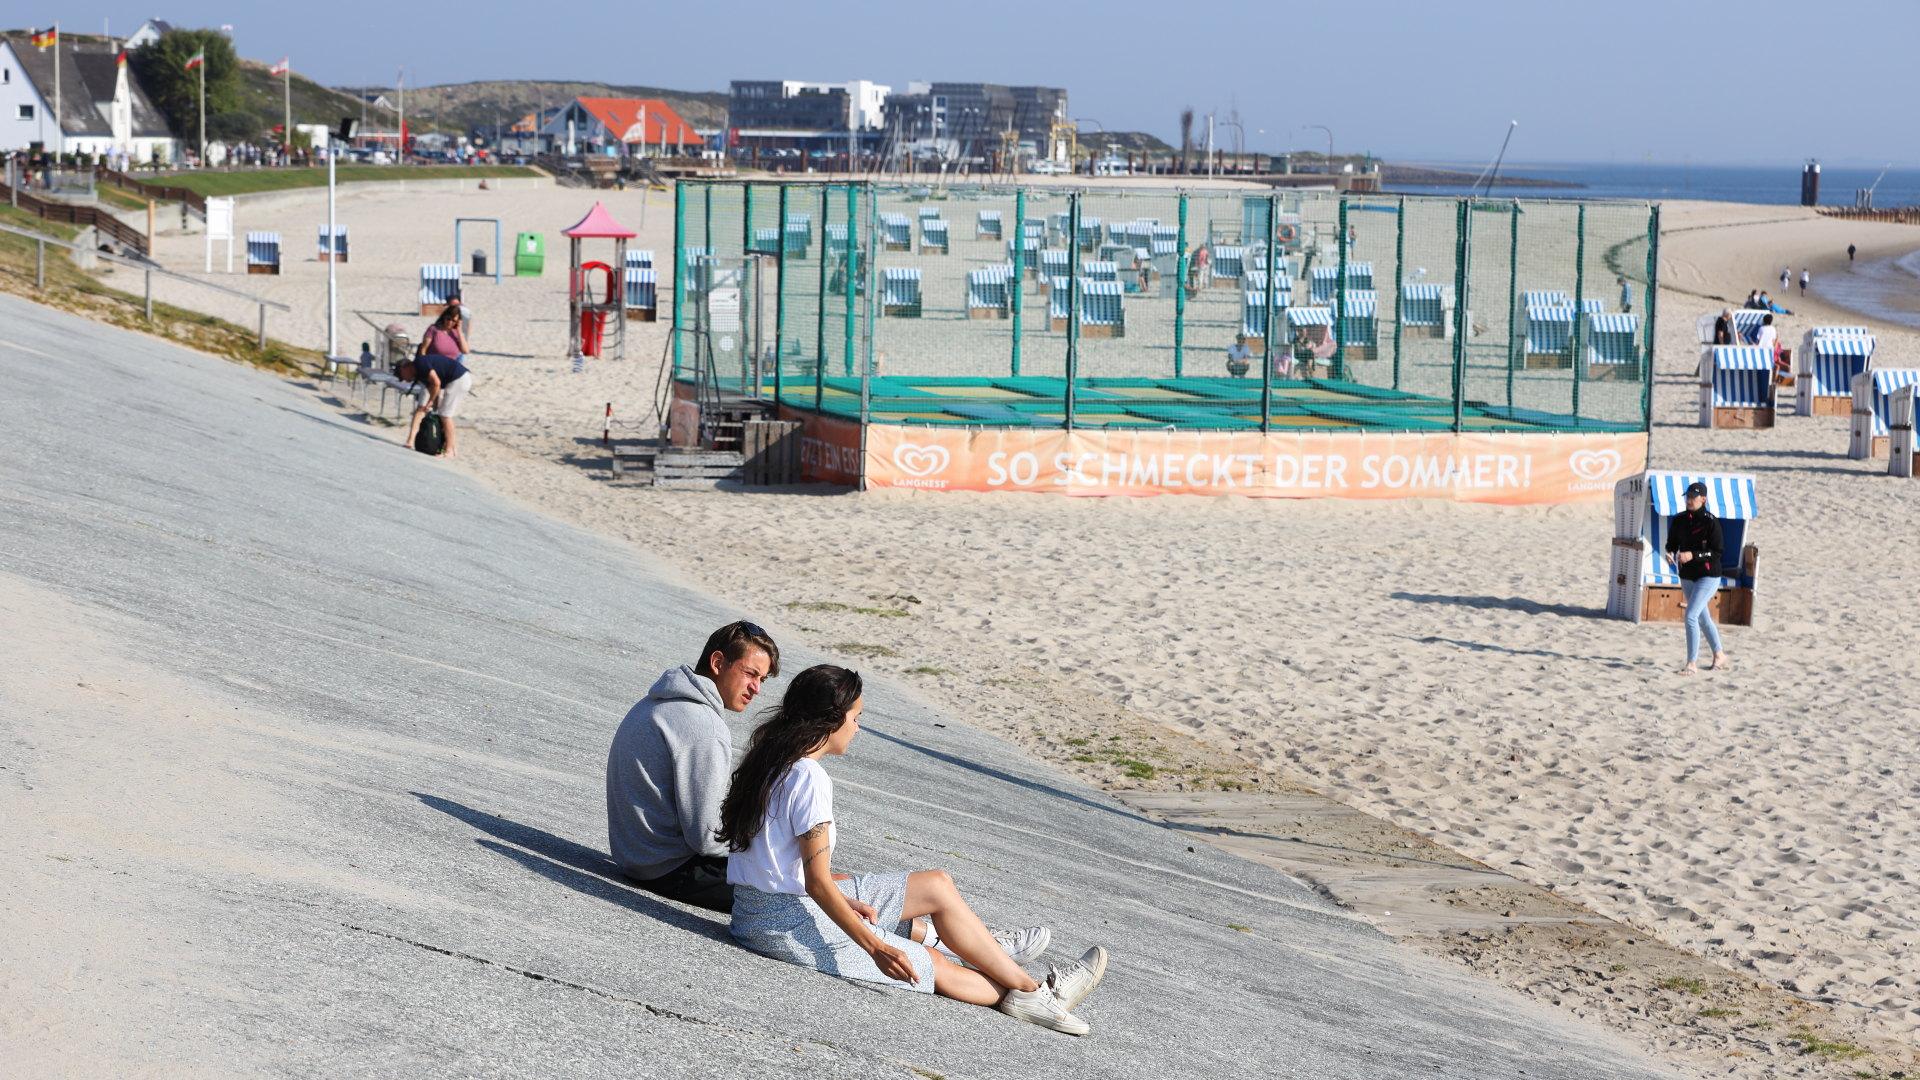 Hörnum, Strandpromenade